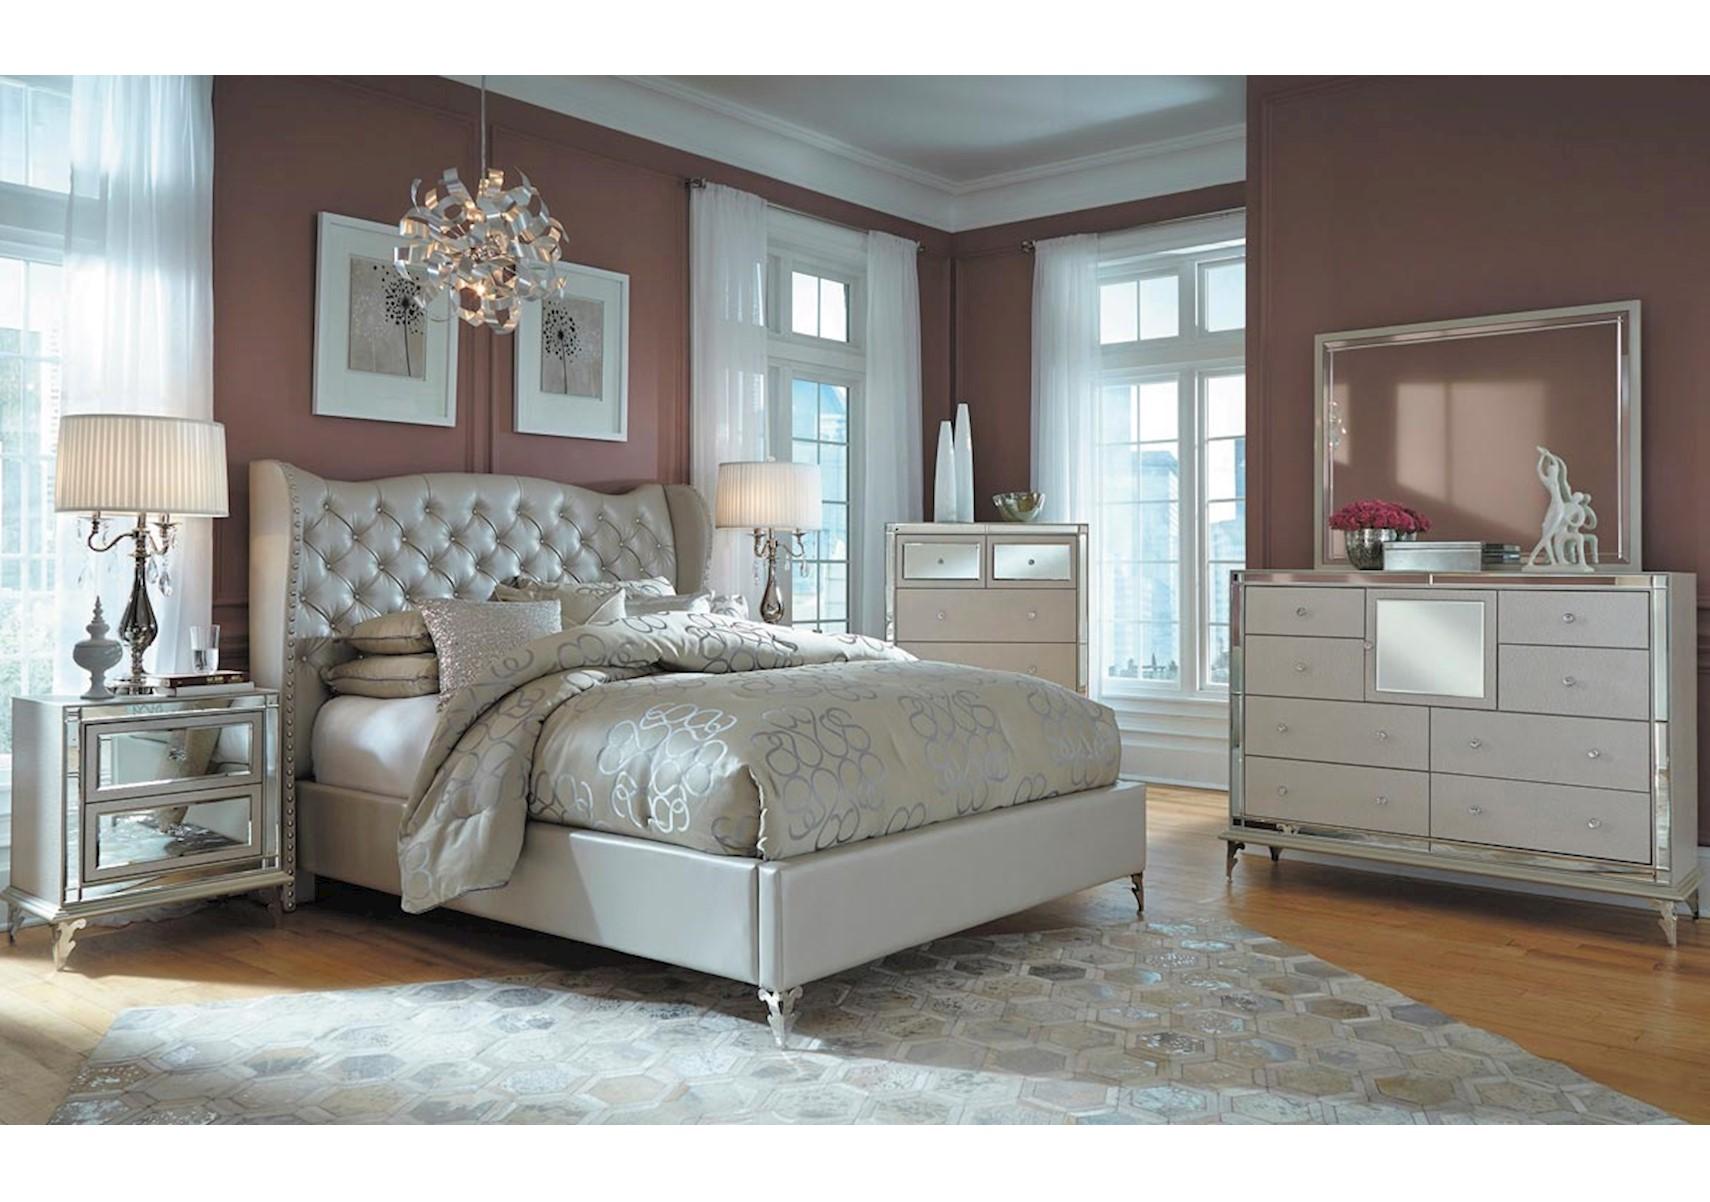 Lacks | Hollywood Loft 4-Pc Queen Bedroom Set